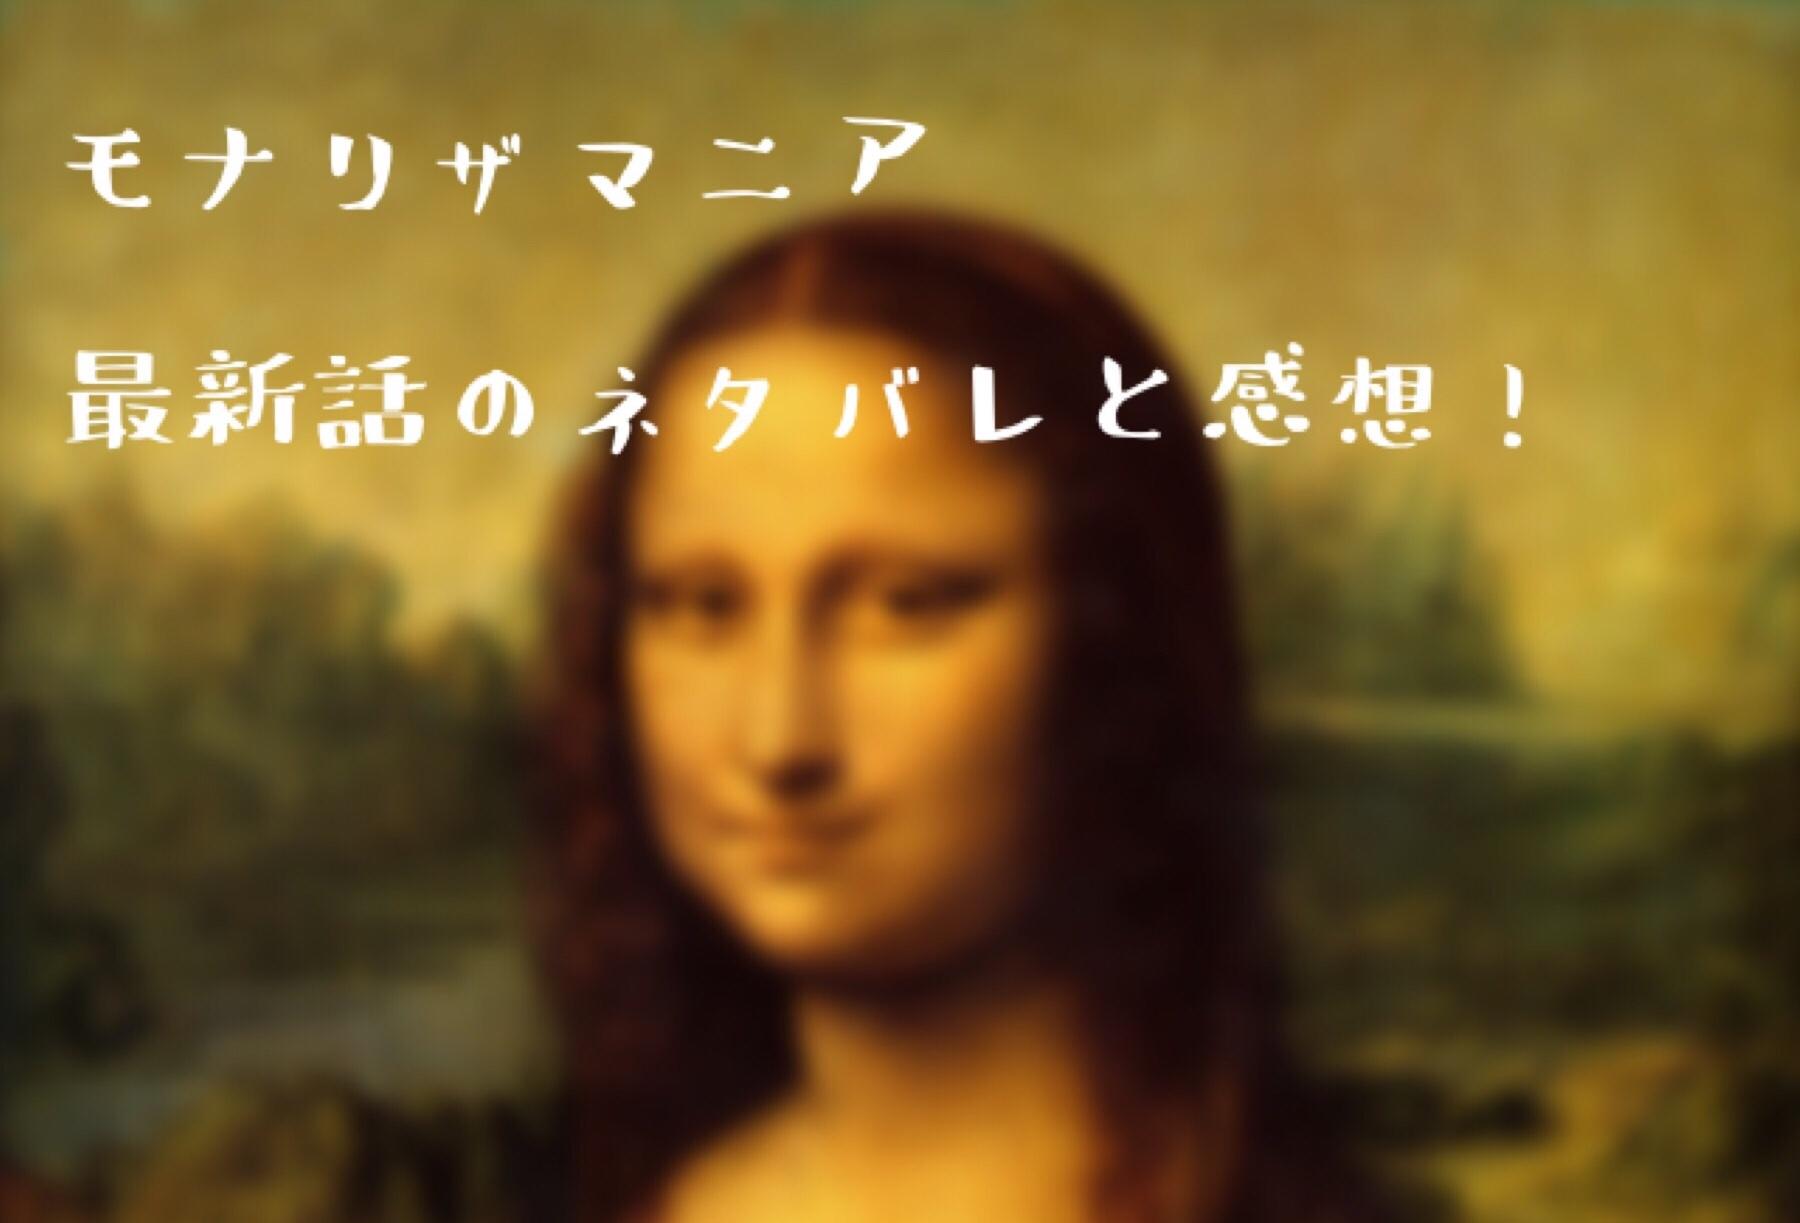 モナリザマニア【最新第10話】メルと微笑む女のネタバレと感想!